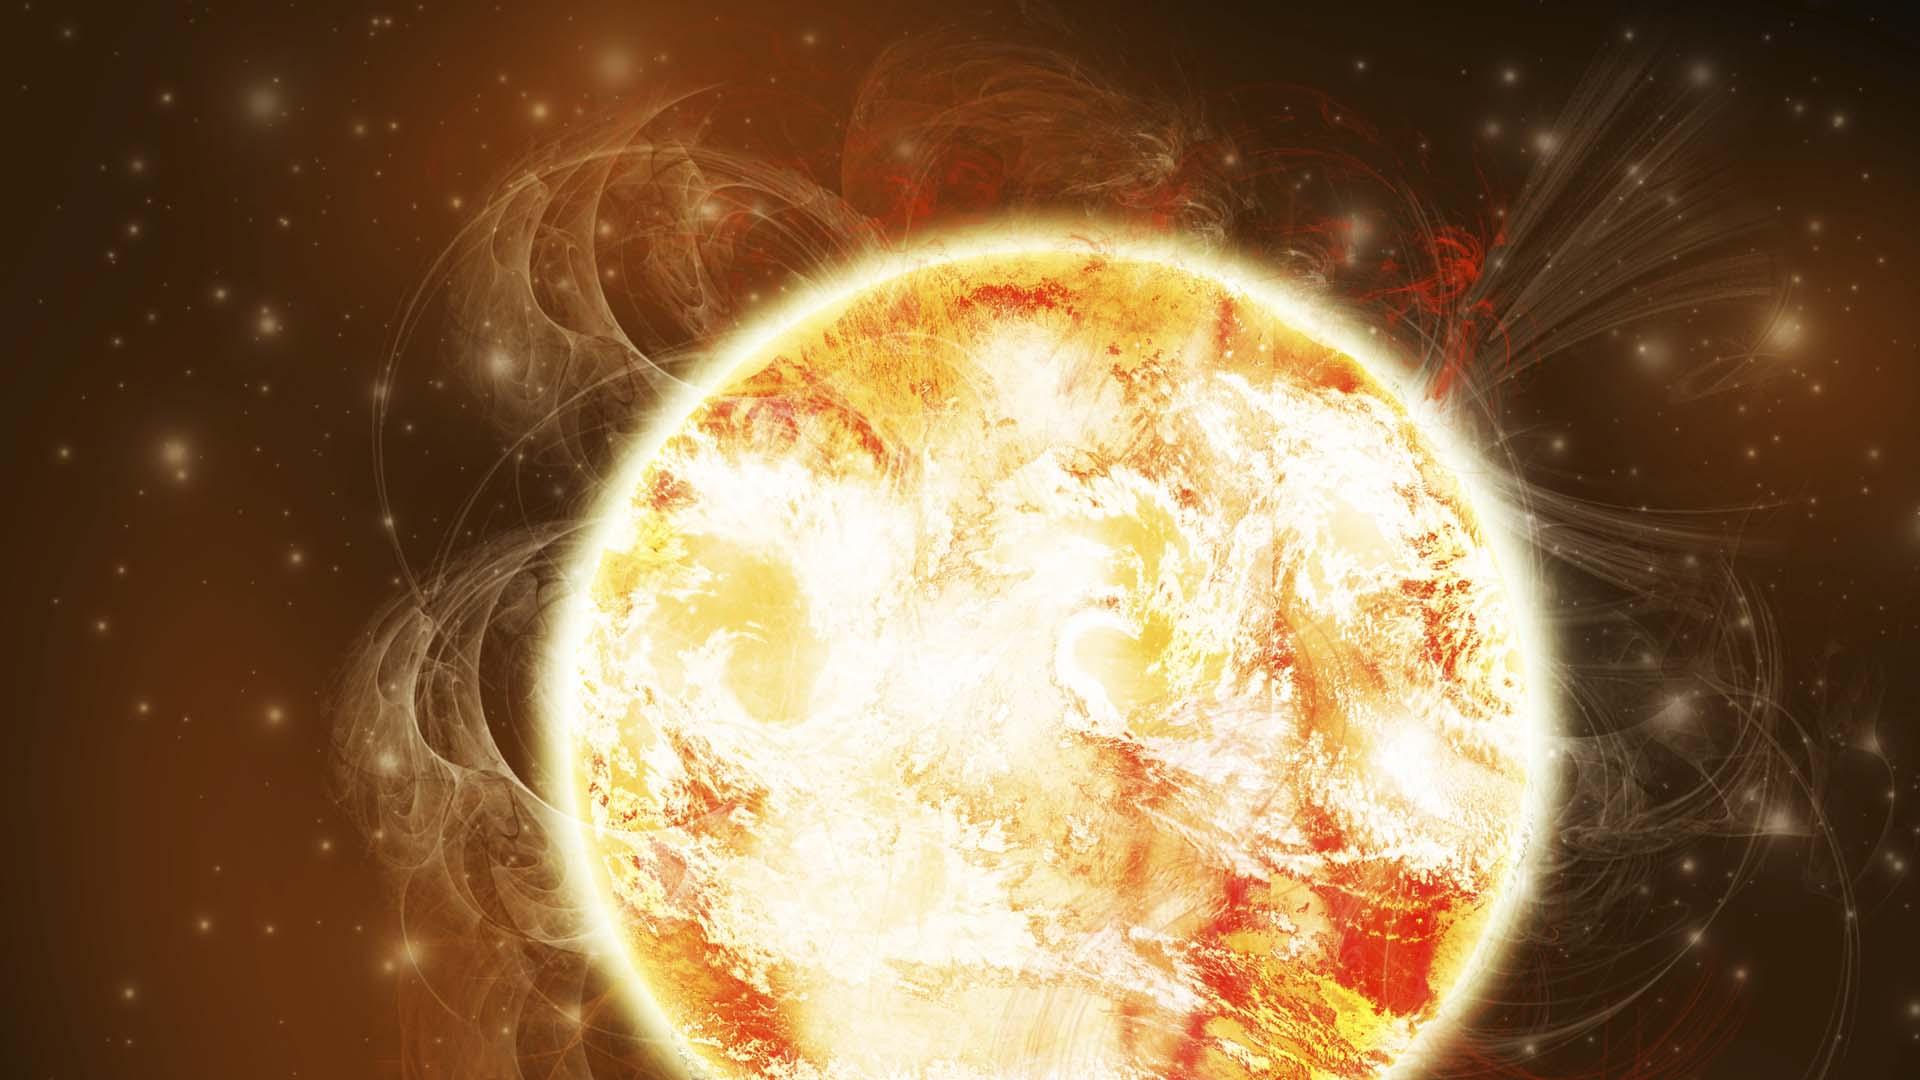 Alemanes intentan imitar la fusión que sucede dentro del sol para obtener energía menos dañina para el planeta